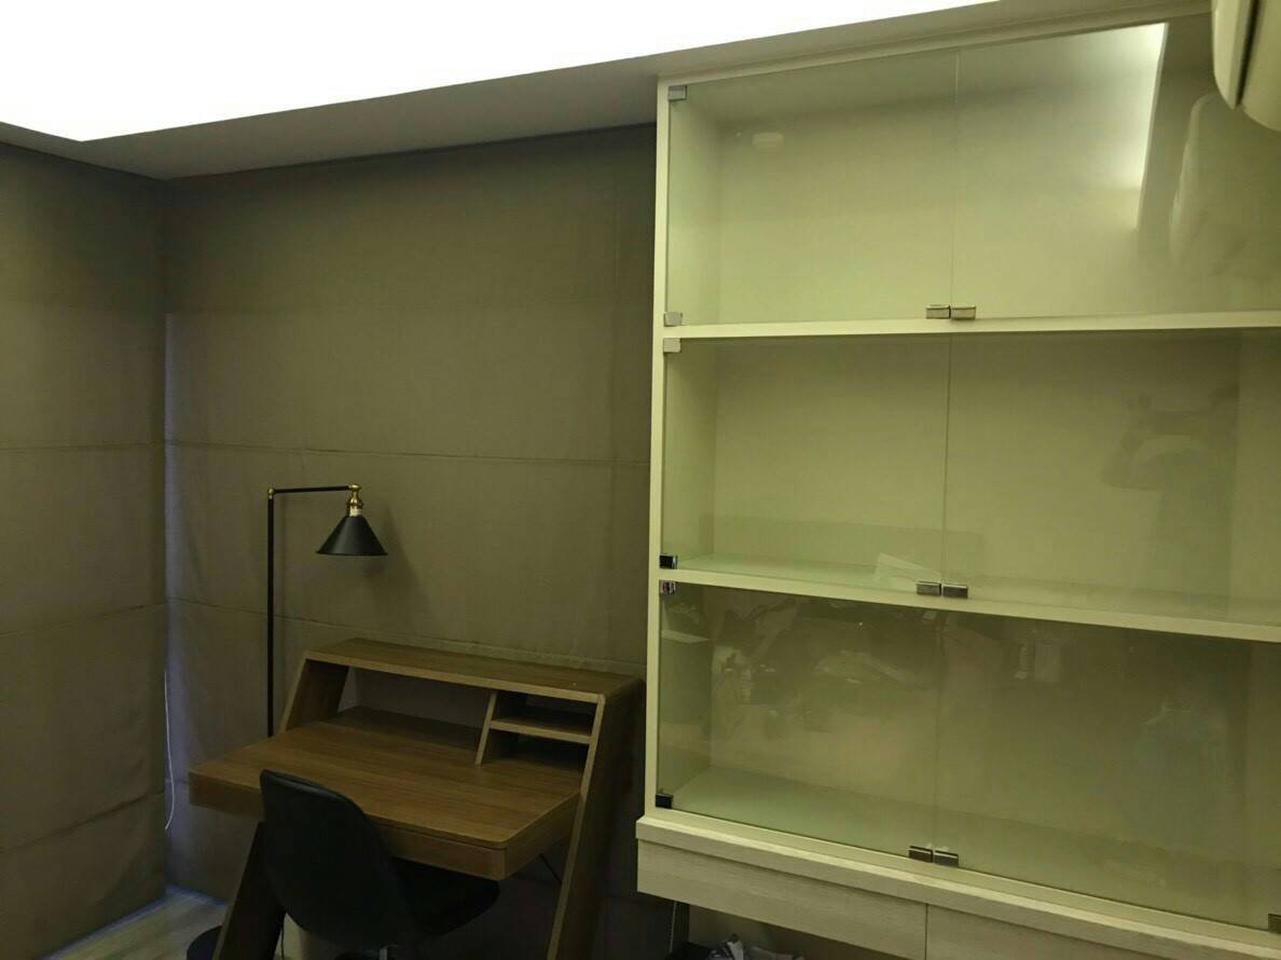 ขายห้องสวย ราคาโดน คอนโด ดับเบิ้ลเลค เฟส 1  รูปที่ 1